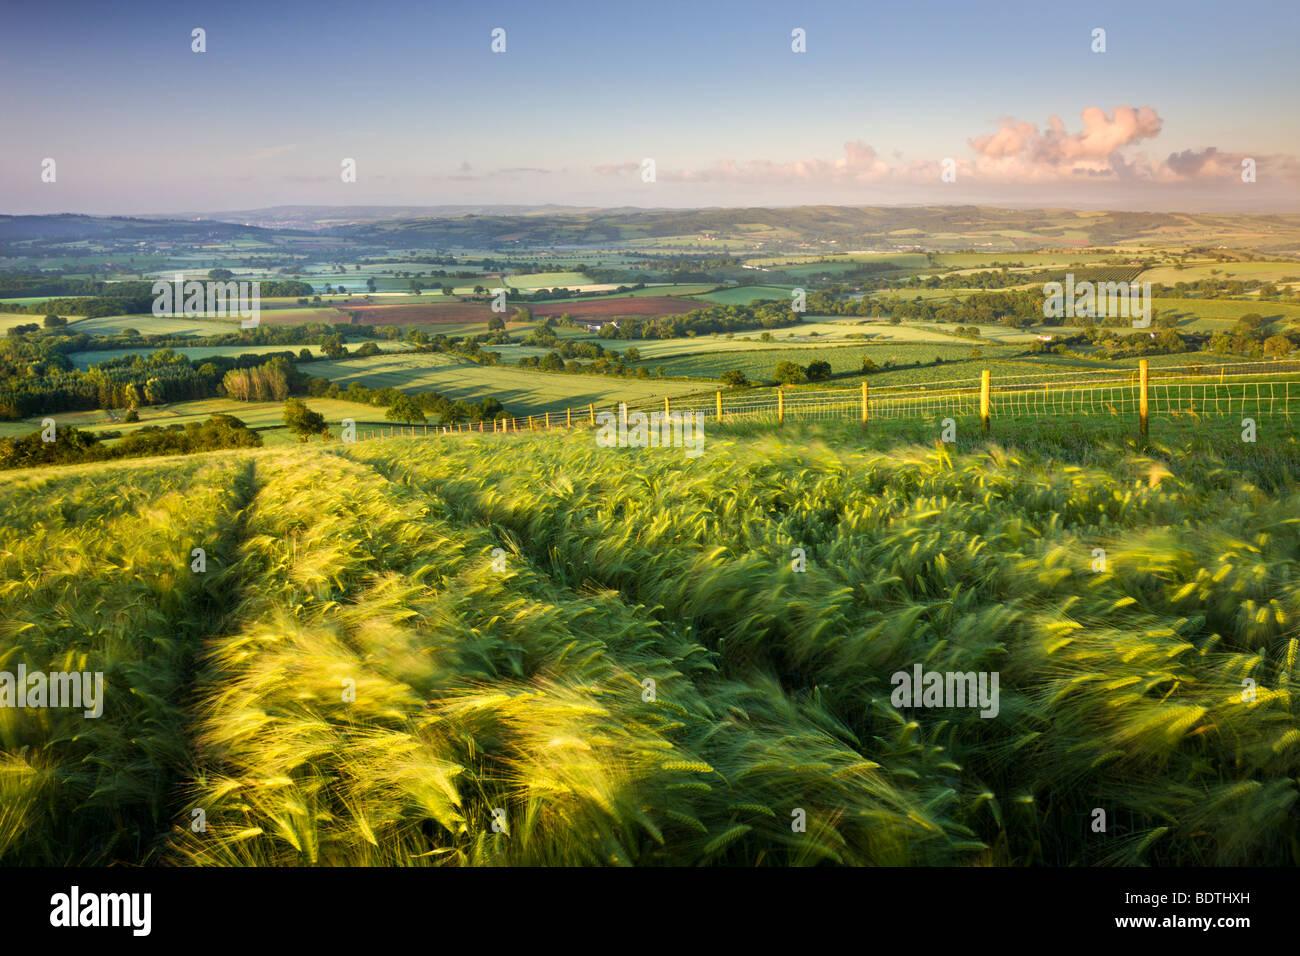 De plus en plus l'orge mûrie d'or dans un champ d'une colline dans les régions rurales de Photo Stock